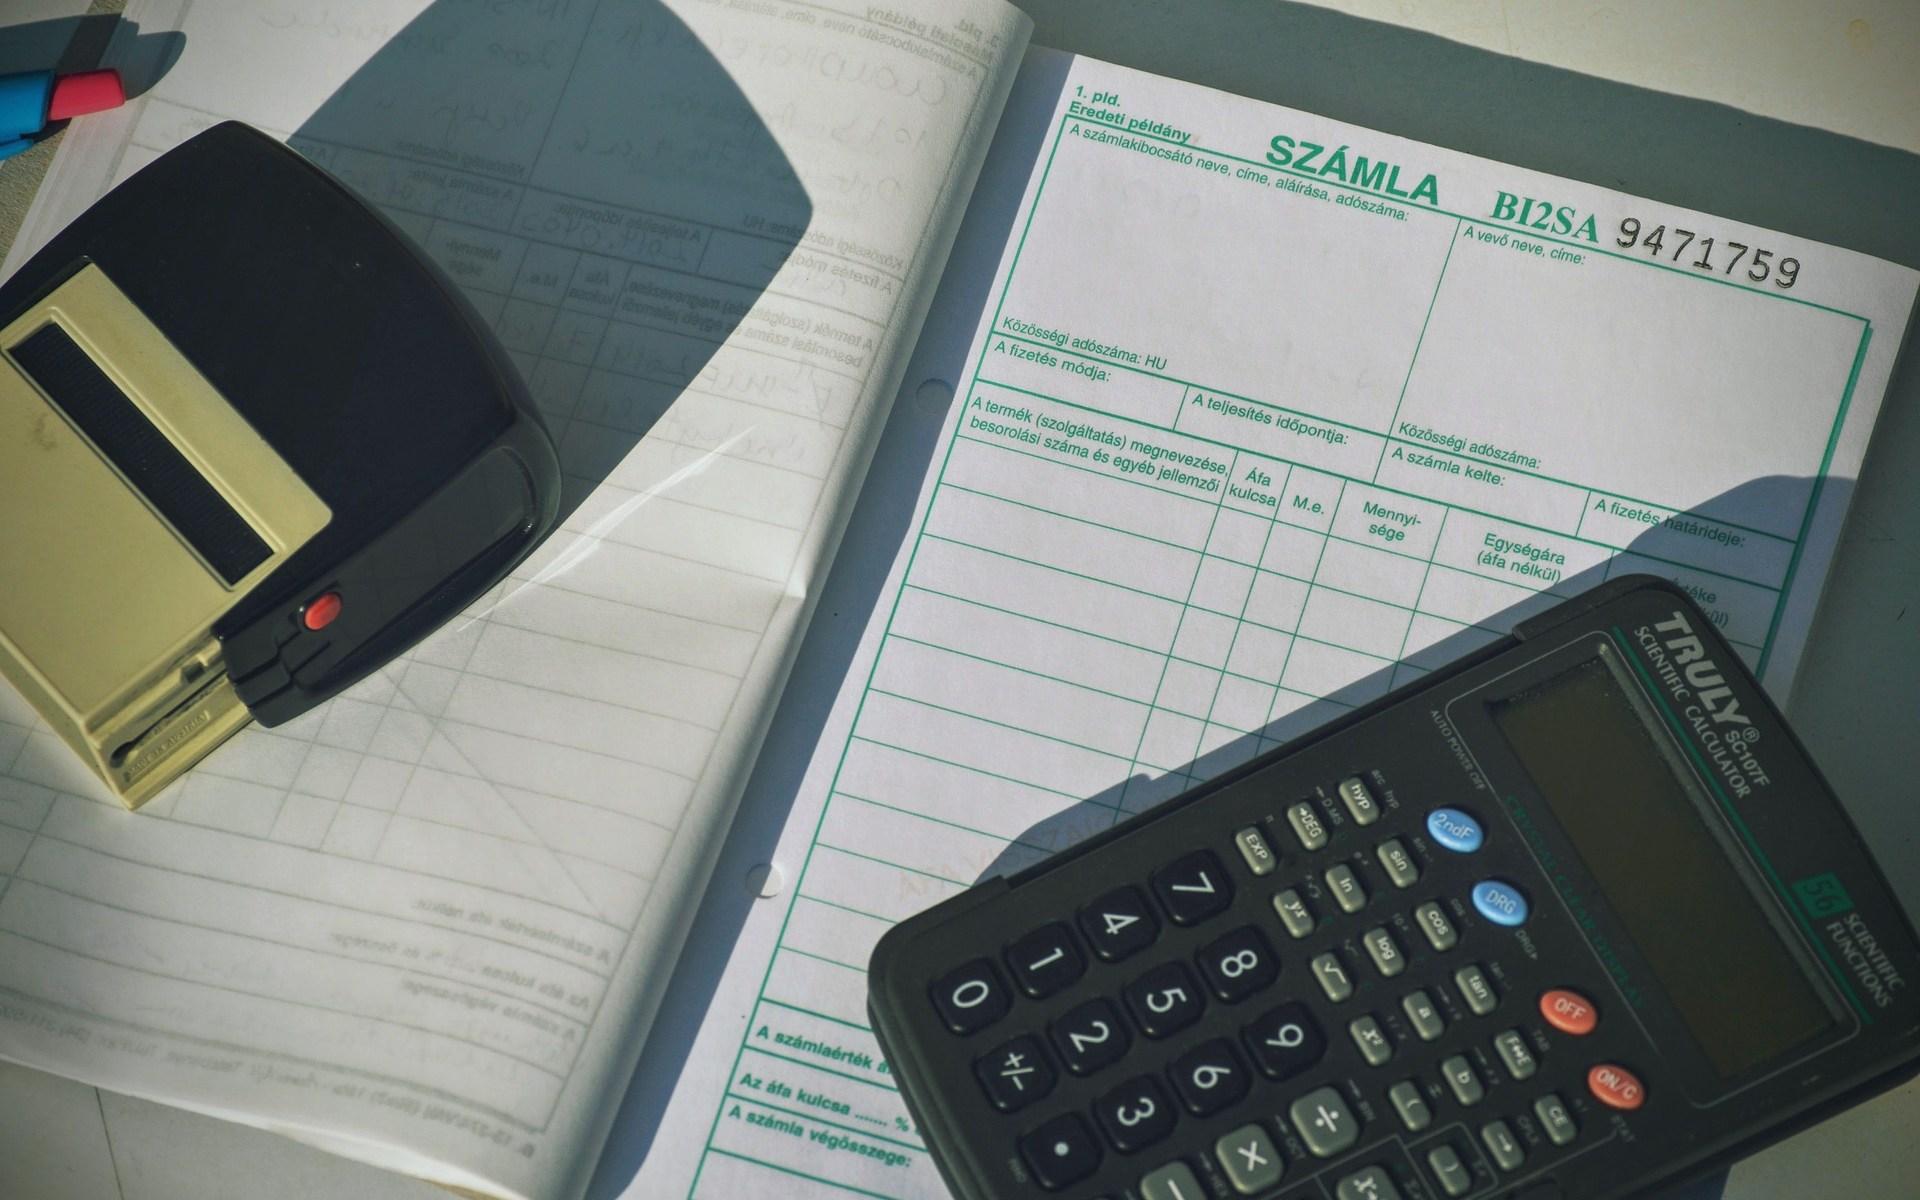 Kassensystem mit Lieferscheinen und Rechnungen